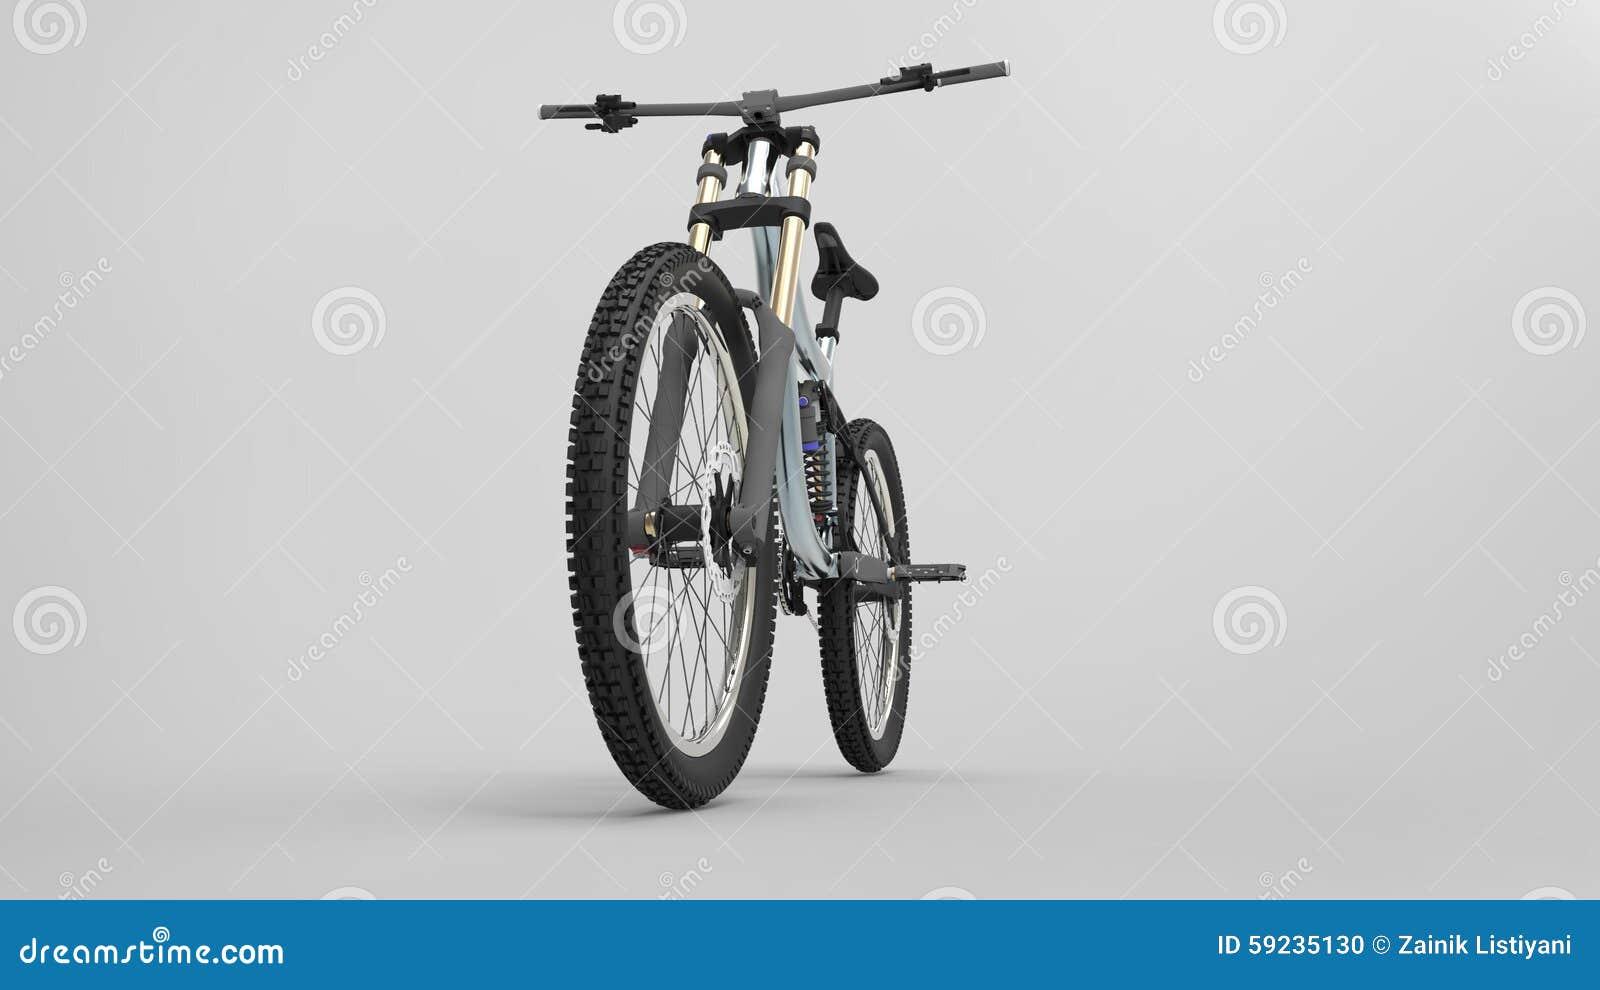 Download Bicicleta stock de ilustración. Ilustración de ilustración - 59235130